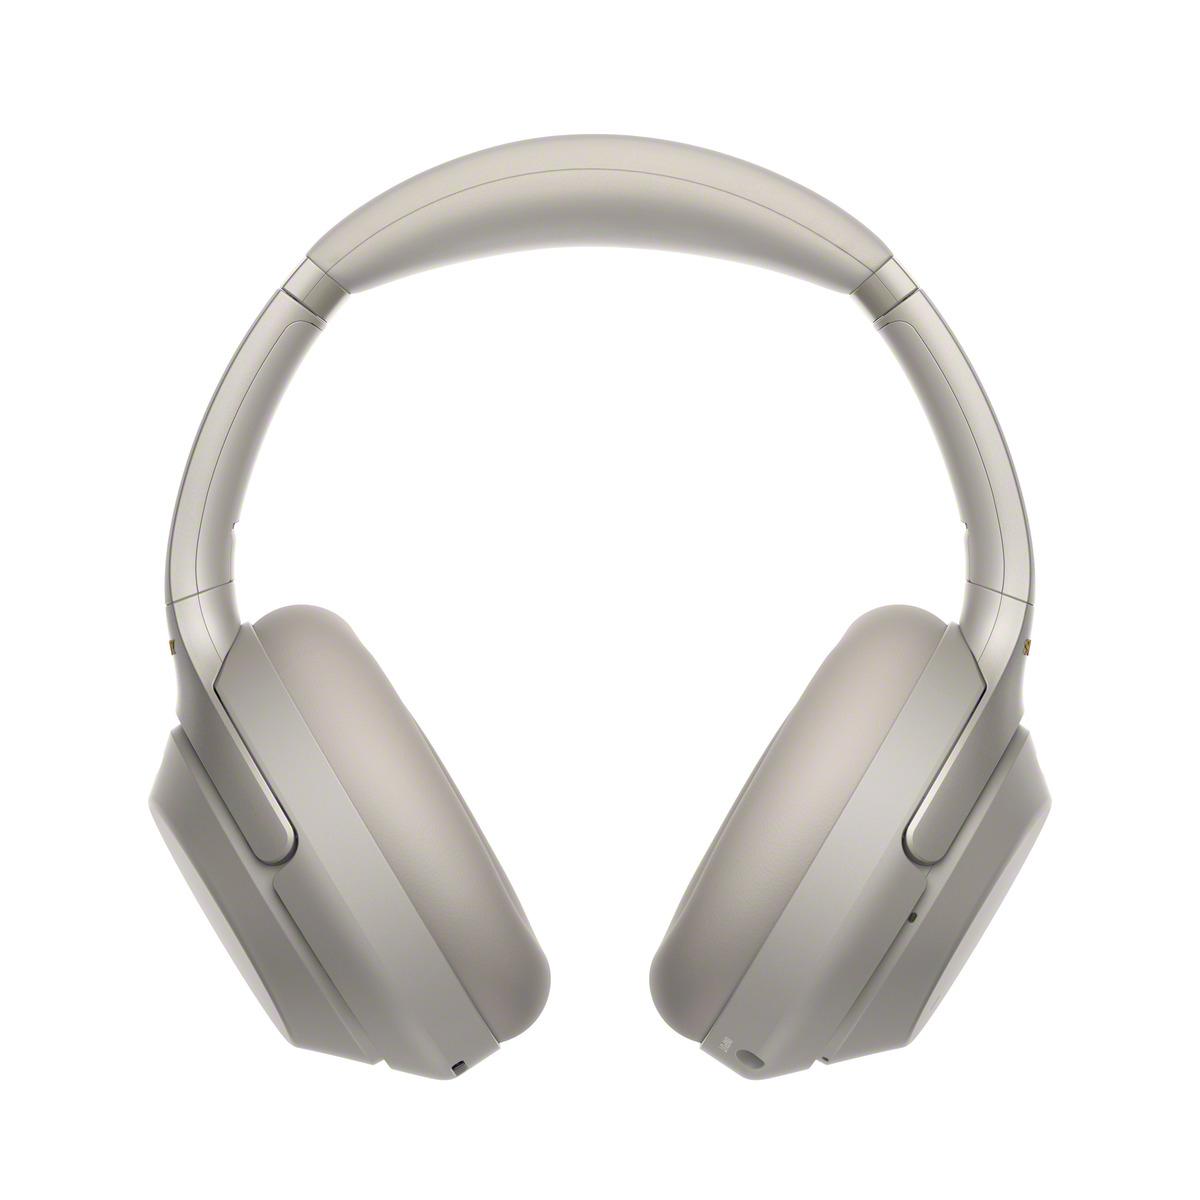 אוזניות אלחוטיות WH-1000XM3 מסננות רעשים תאימות לאייפון / אנדרואיד